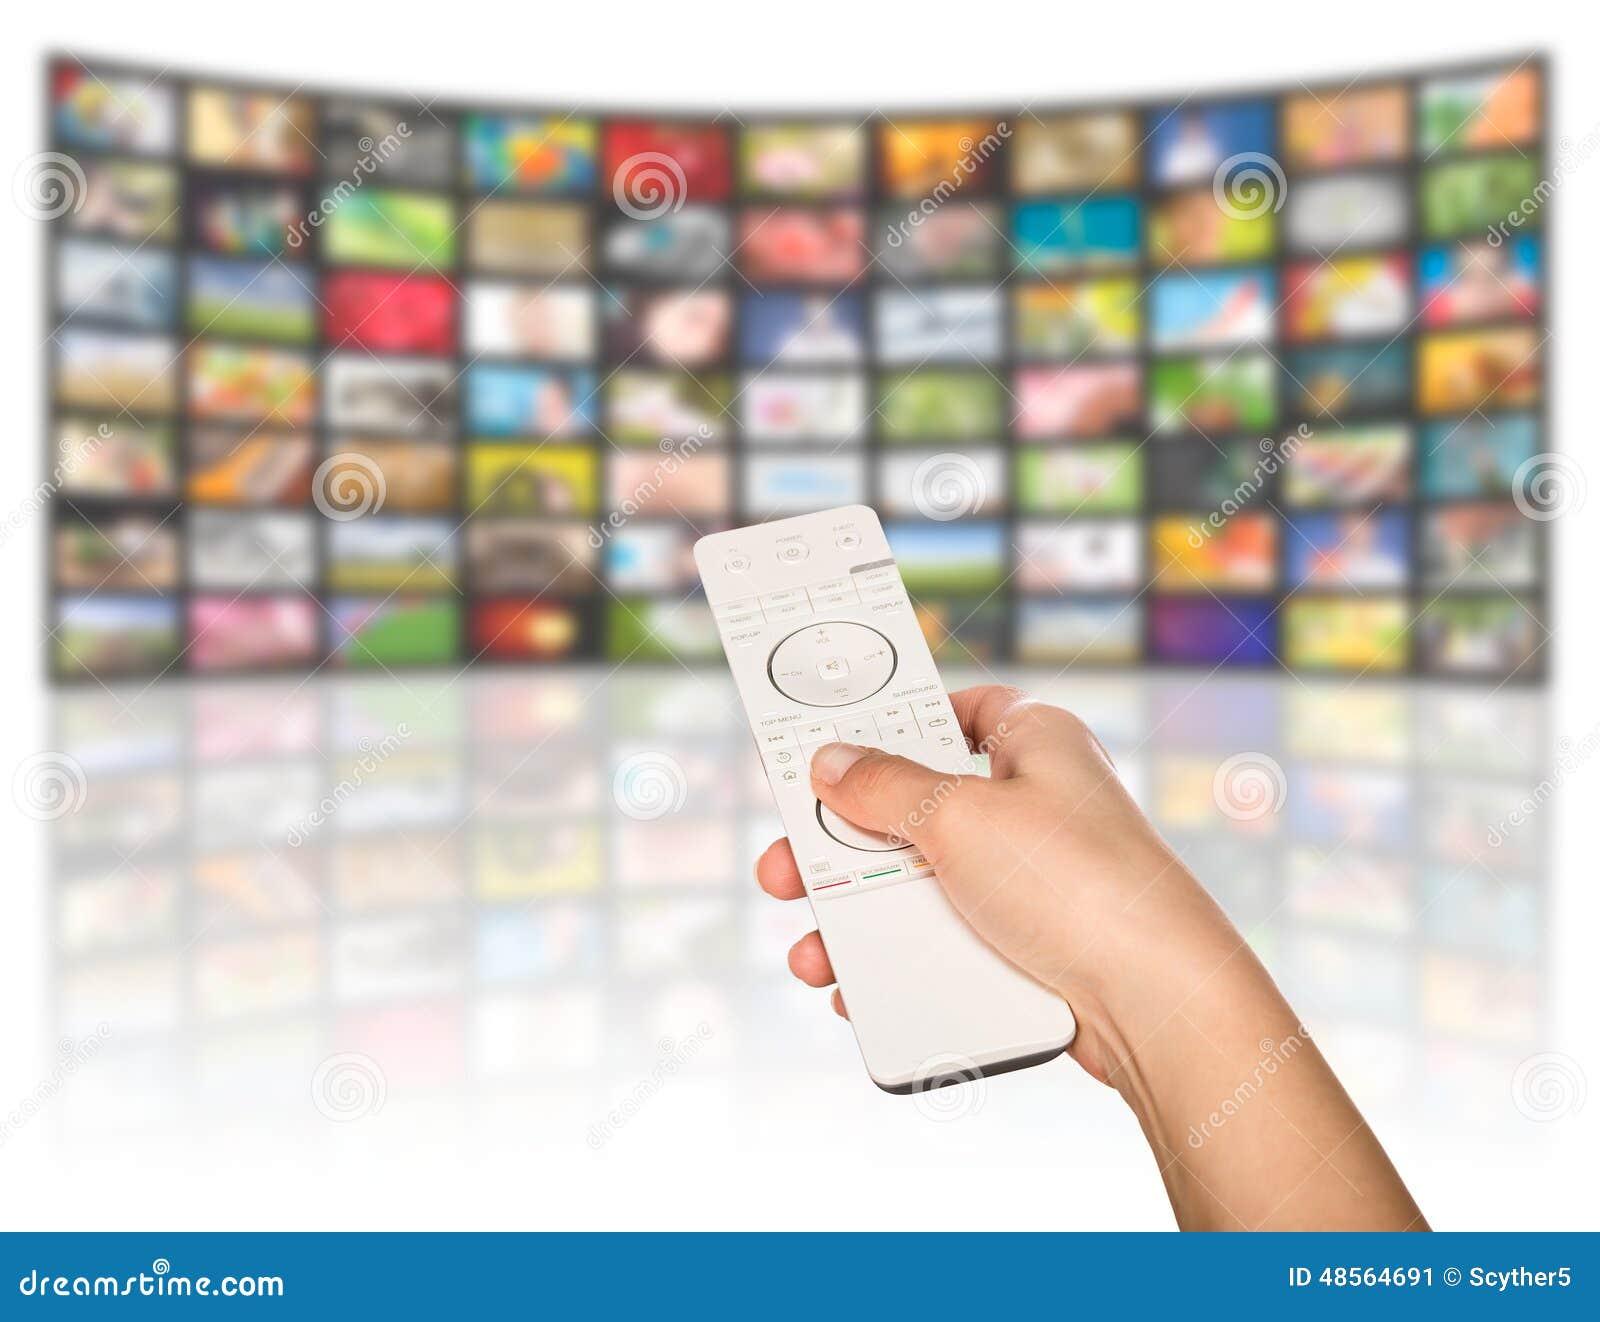 Έννοια τηλεοπτικής παραγωγής Επιτροπές κινηματογράφων TV